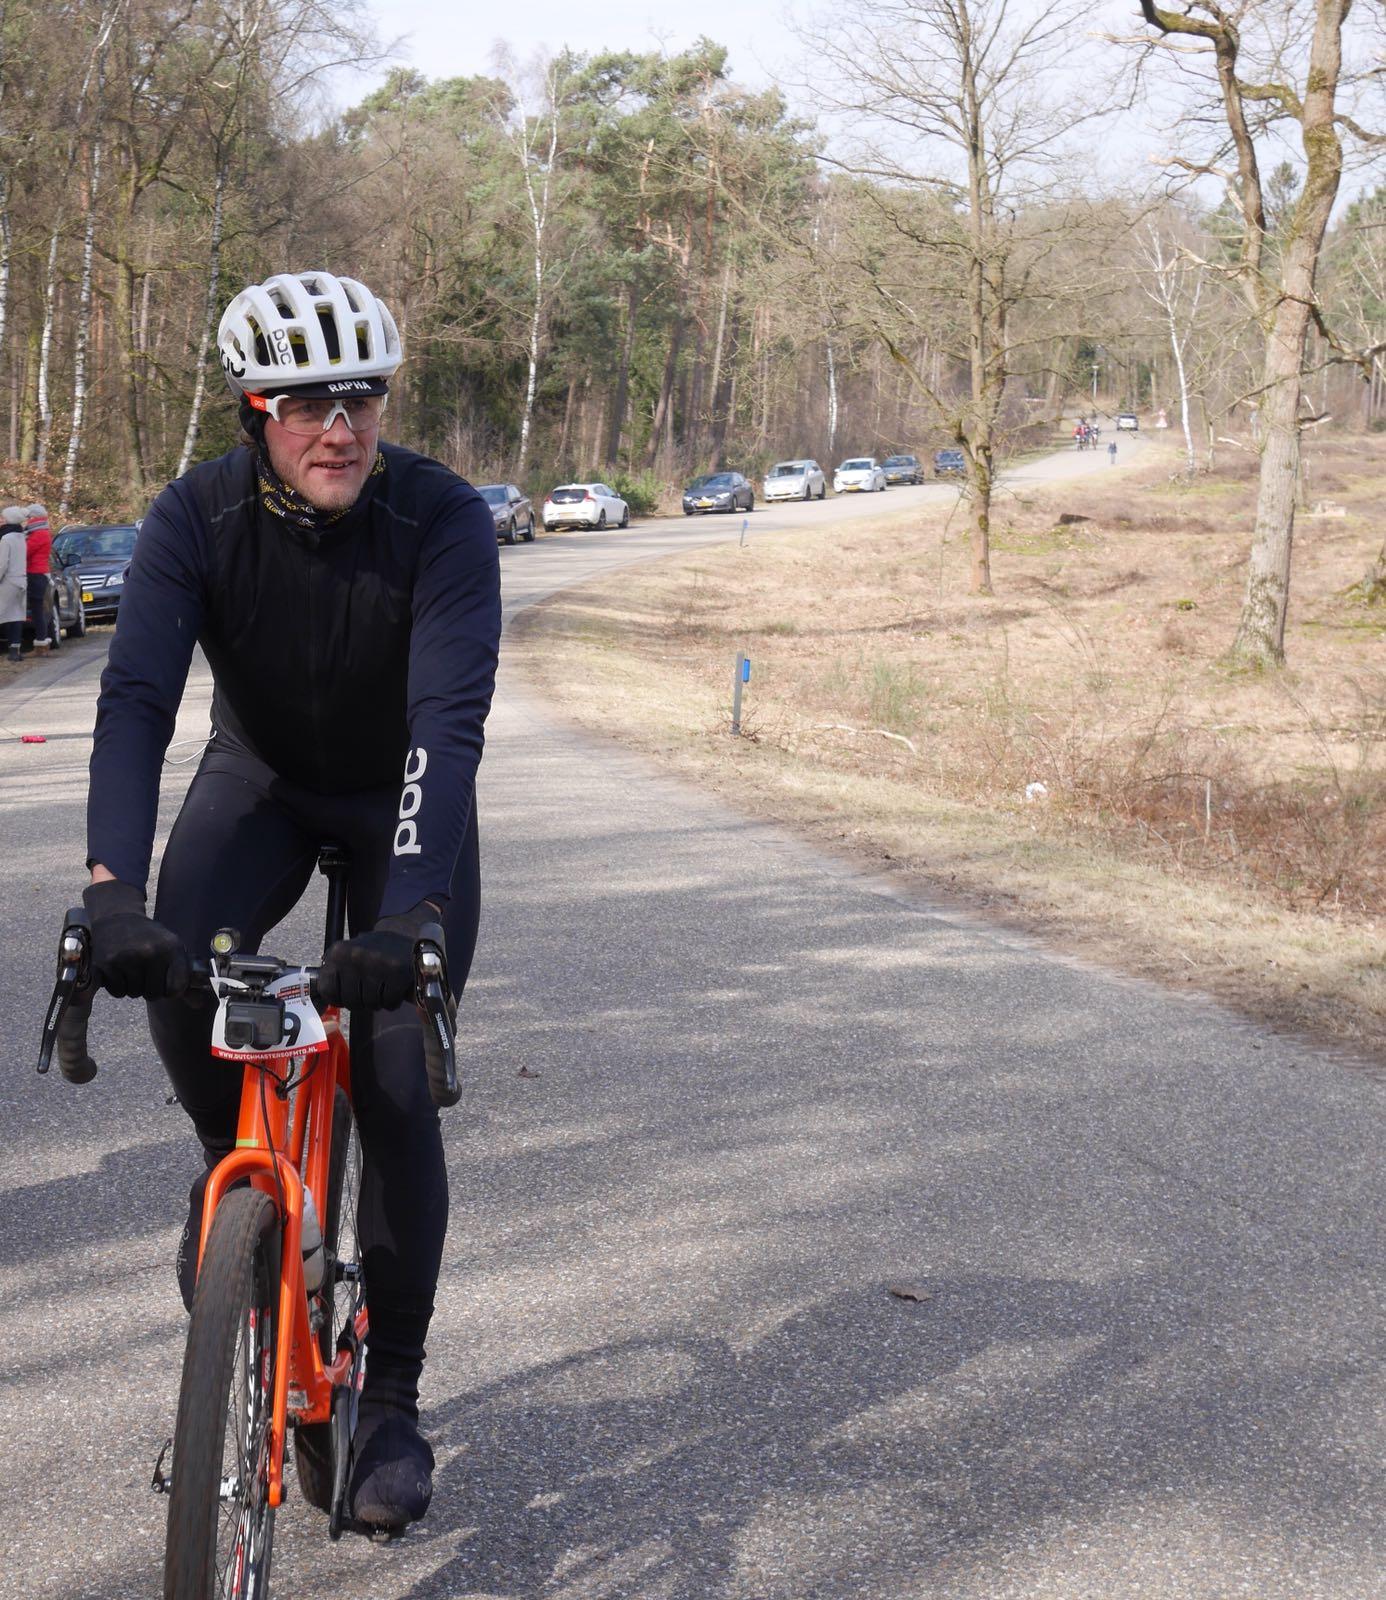 200 kilometer fietsen op één dag